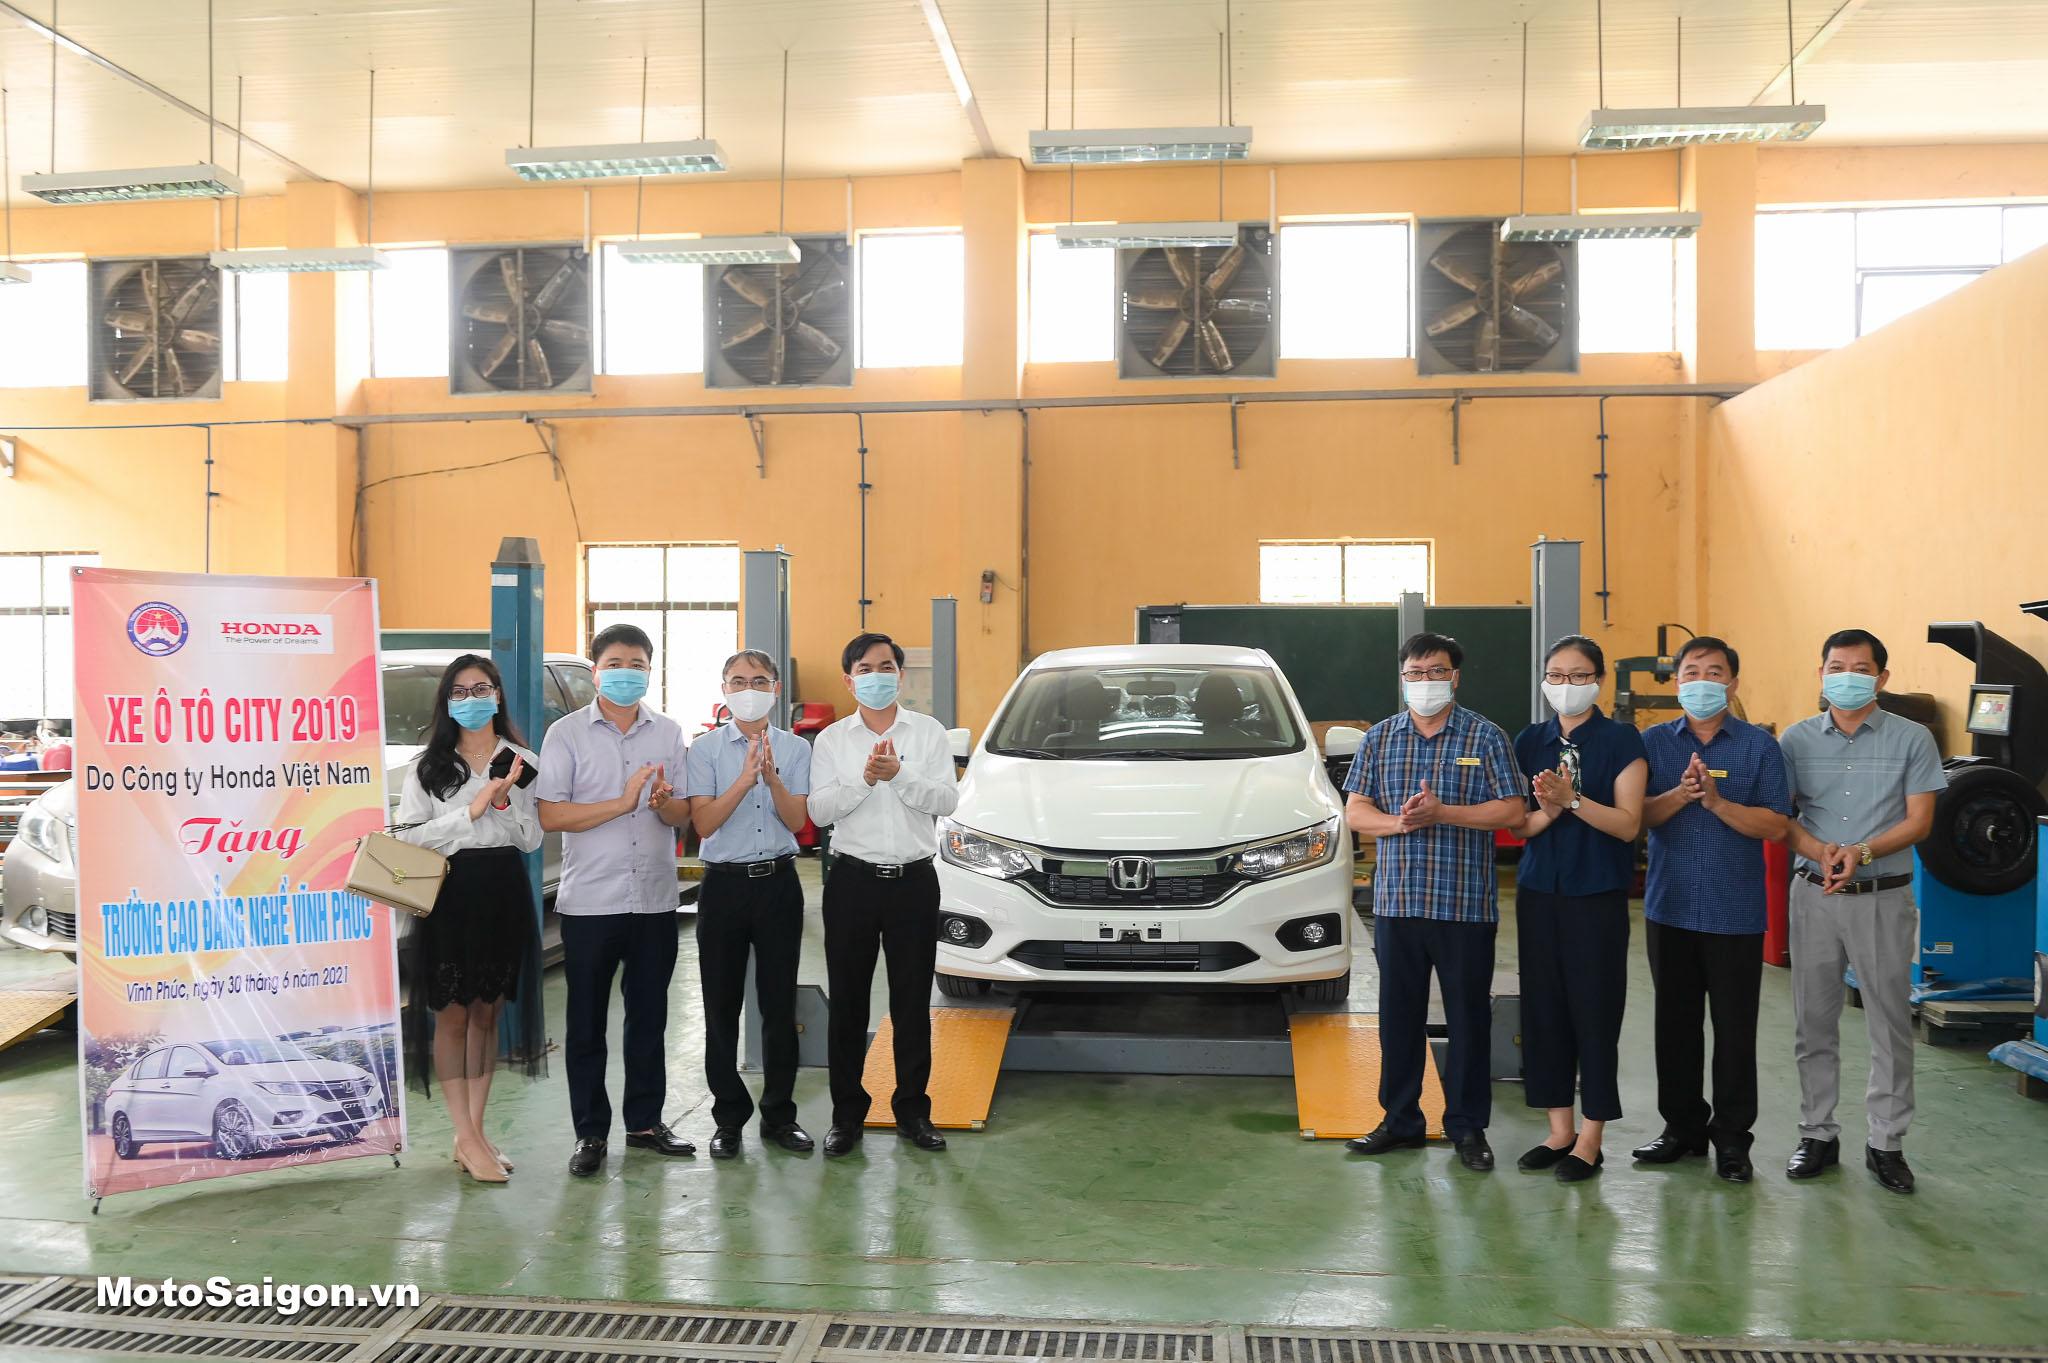 Trao tặng 01 xe ô tô Honda City 2019 cho trường Cao đẳng Nghề Vĩnh Phúc